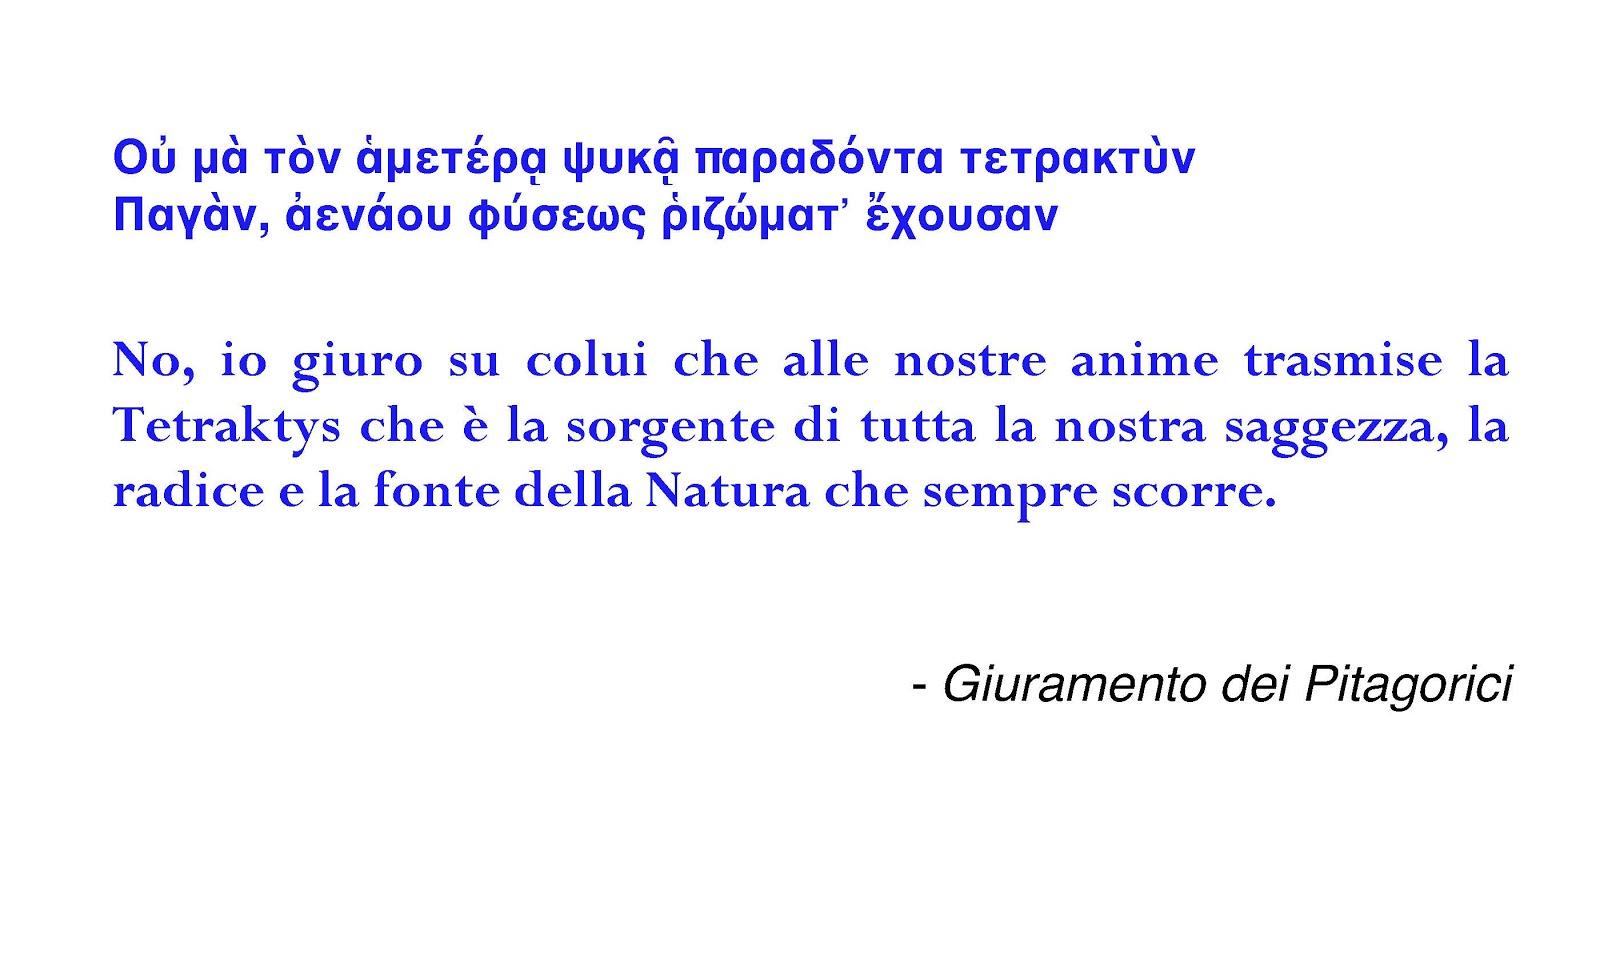 belle frasi in greco